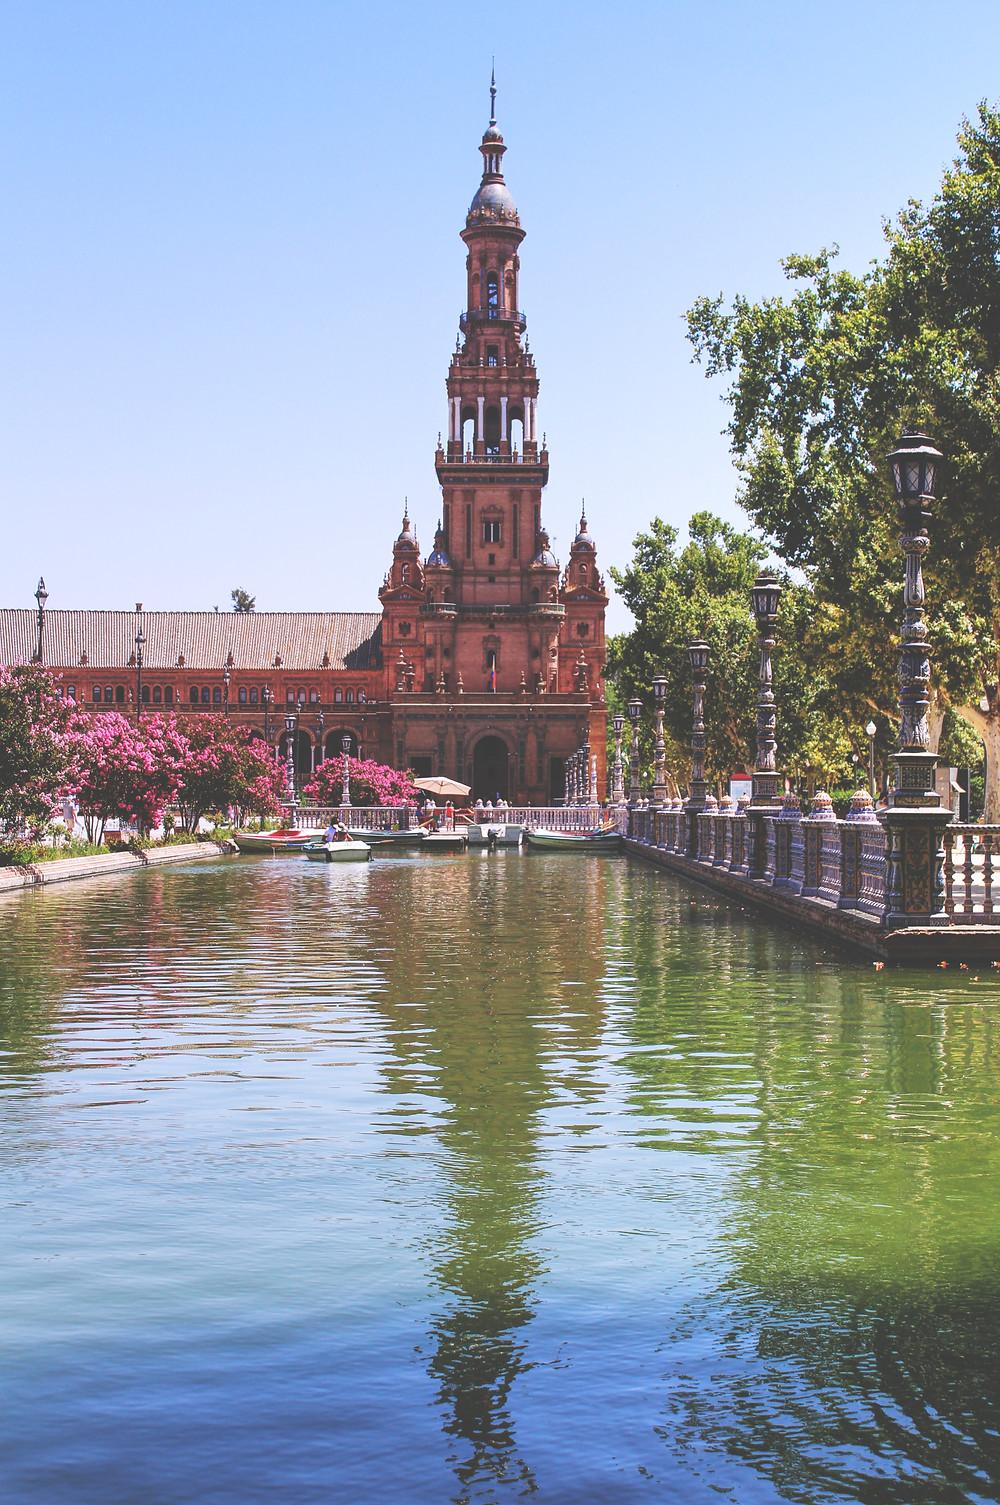 Mejores sitios para visitar en Sevilla parairdevacaciones.com